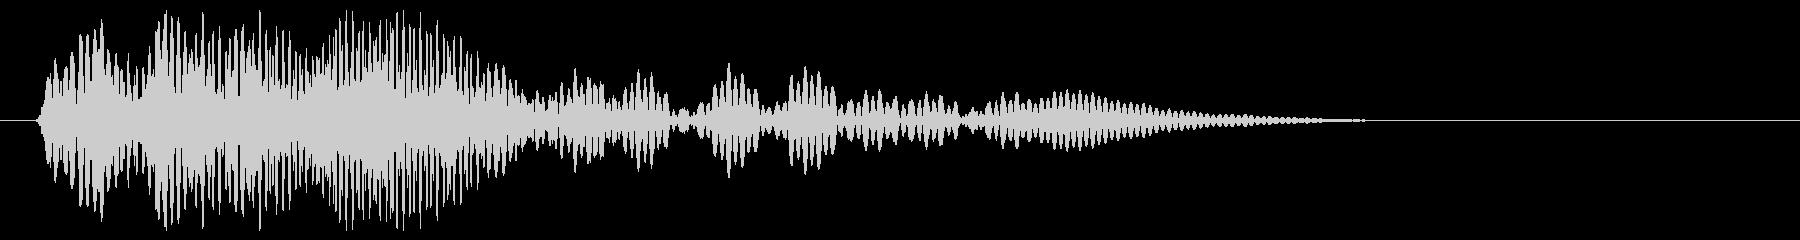 ポワン(和風の音色)の未再生の波形